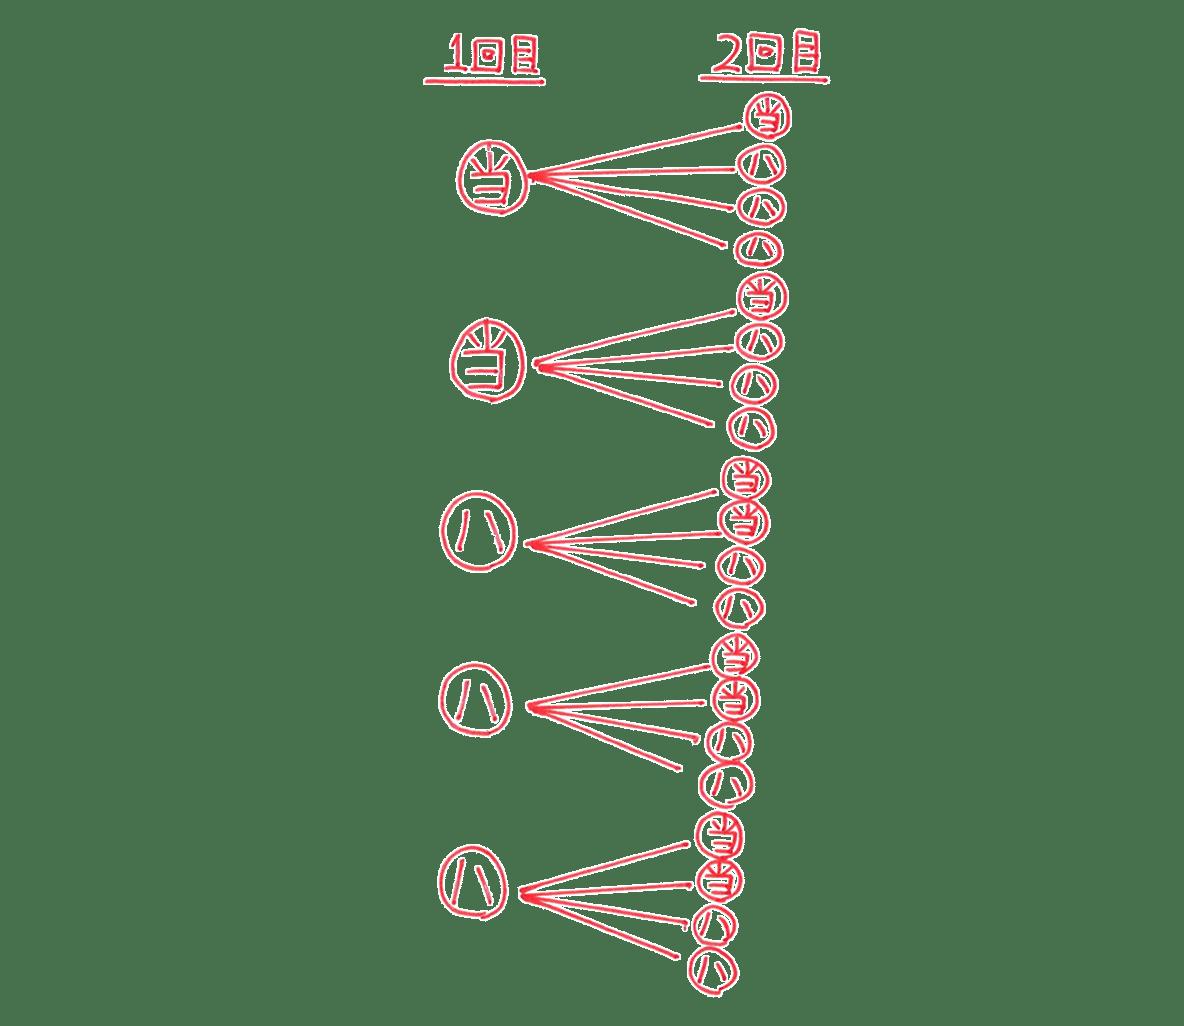 中2 数学159 練習の答え 樹形図